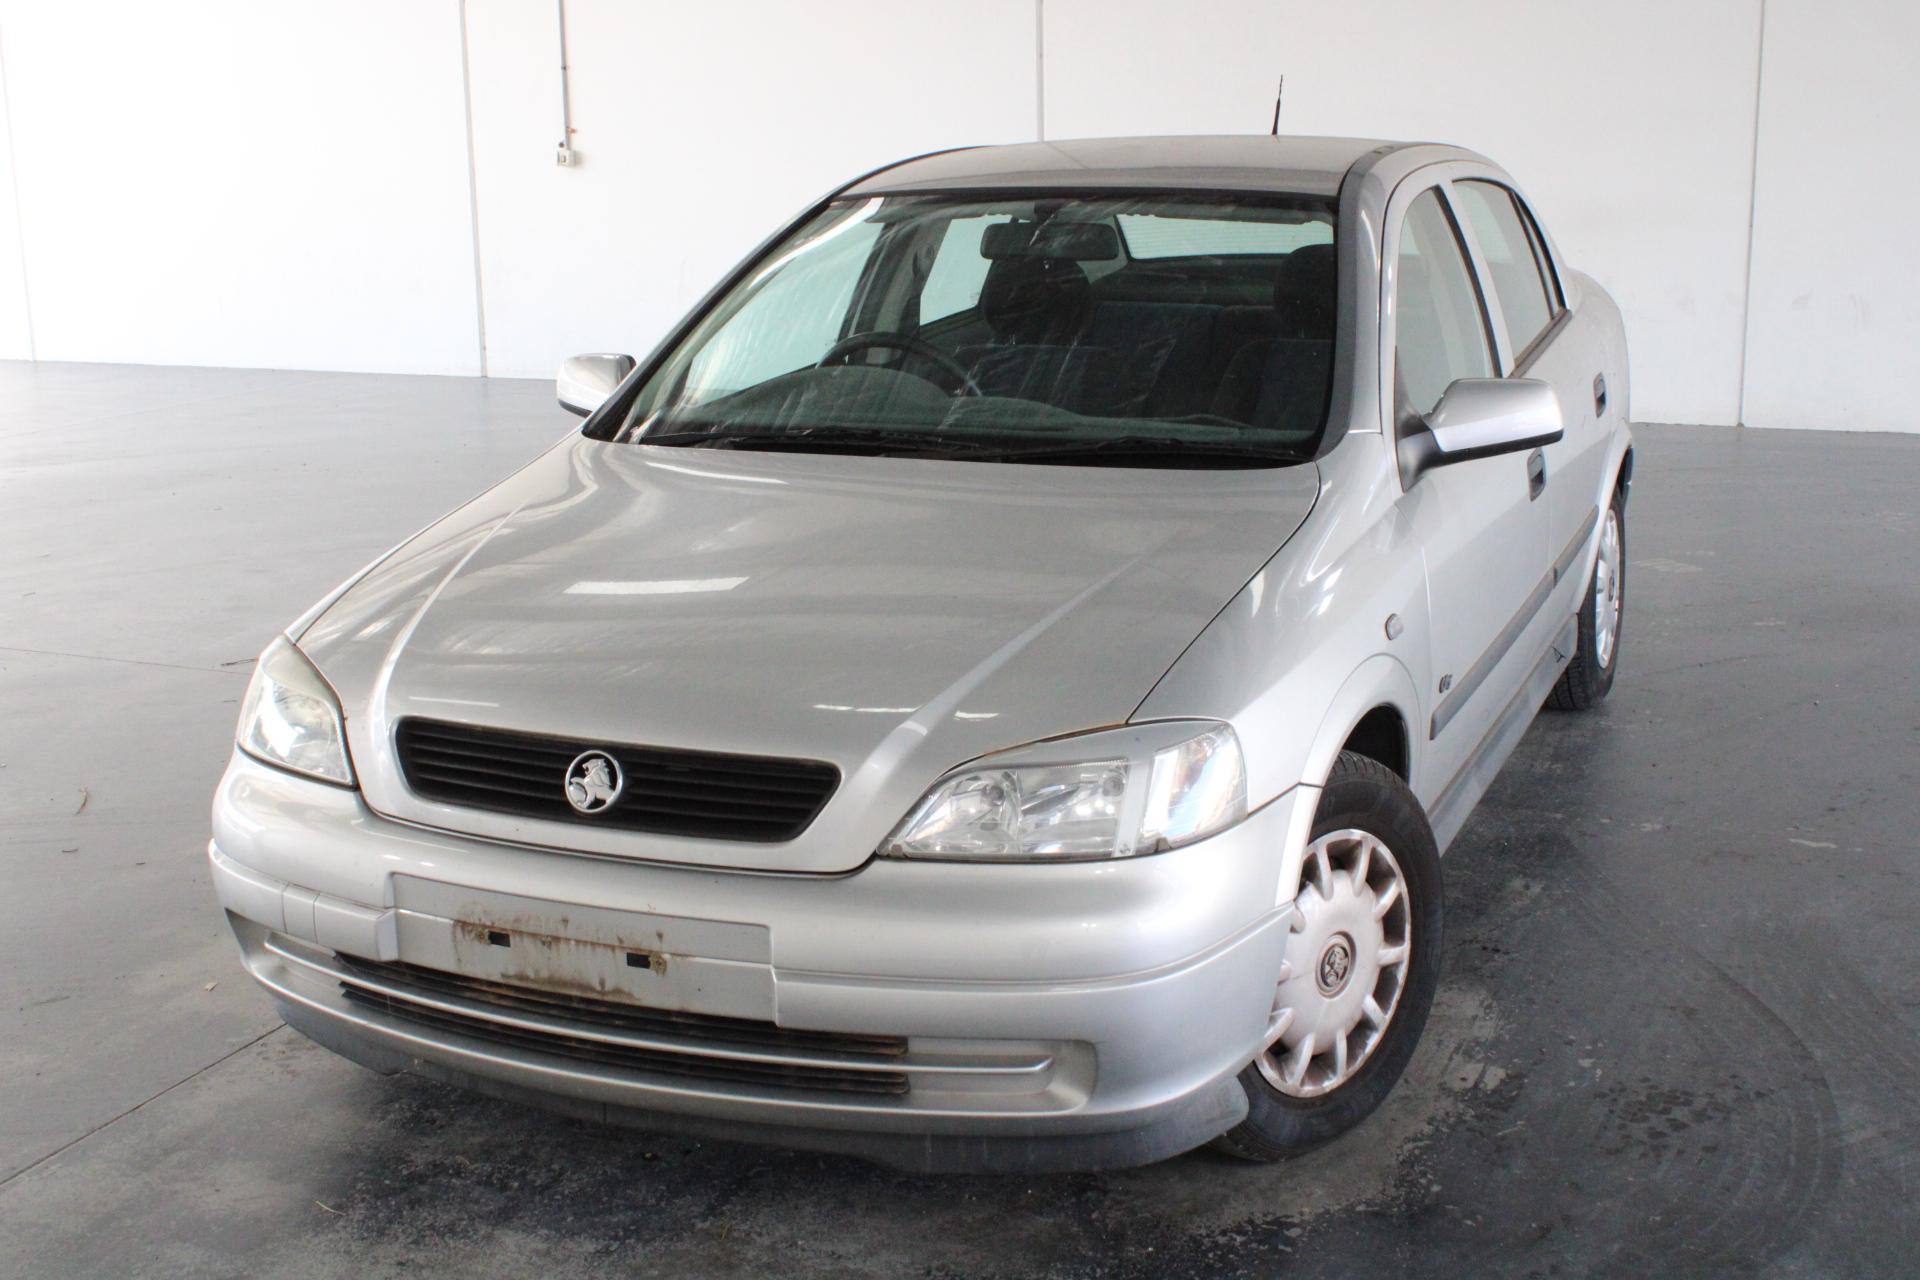 2001 Holden Astra City TS Automatic Sedan